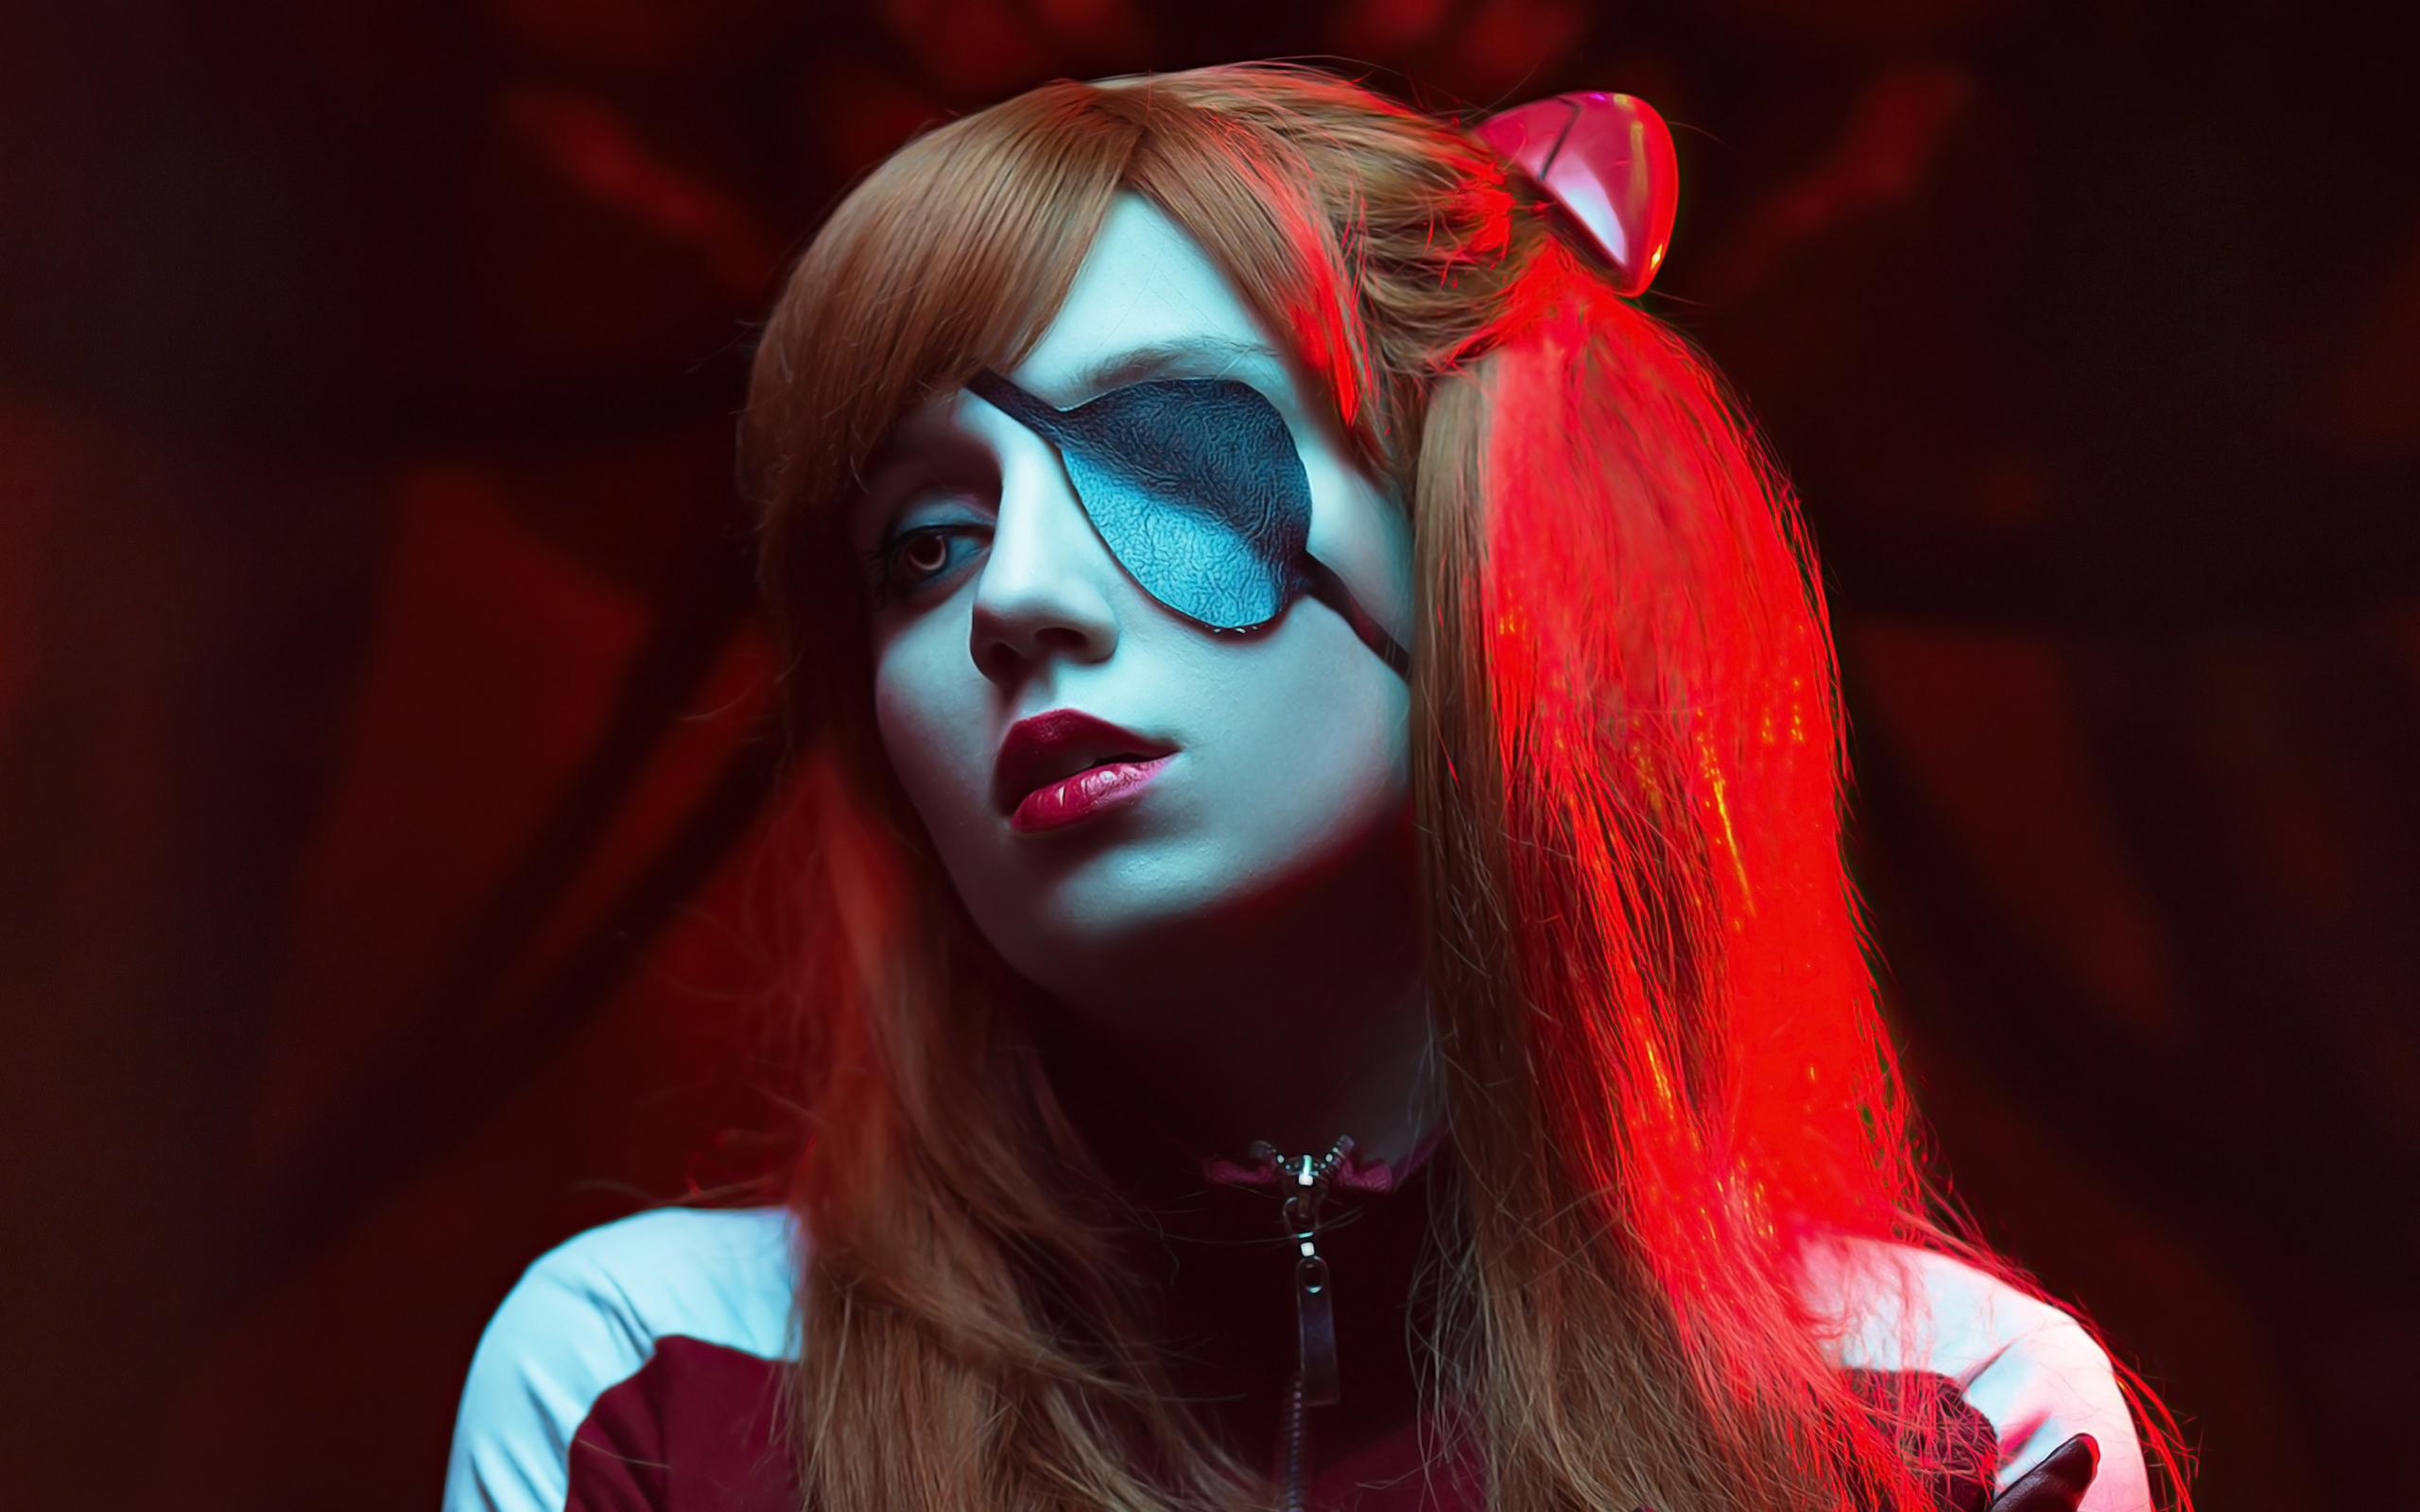 neon-genesis-evangelion-asuka-langley-sohryu-cosplay-4k-3w.jpg